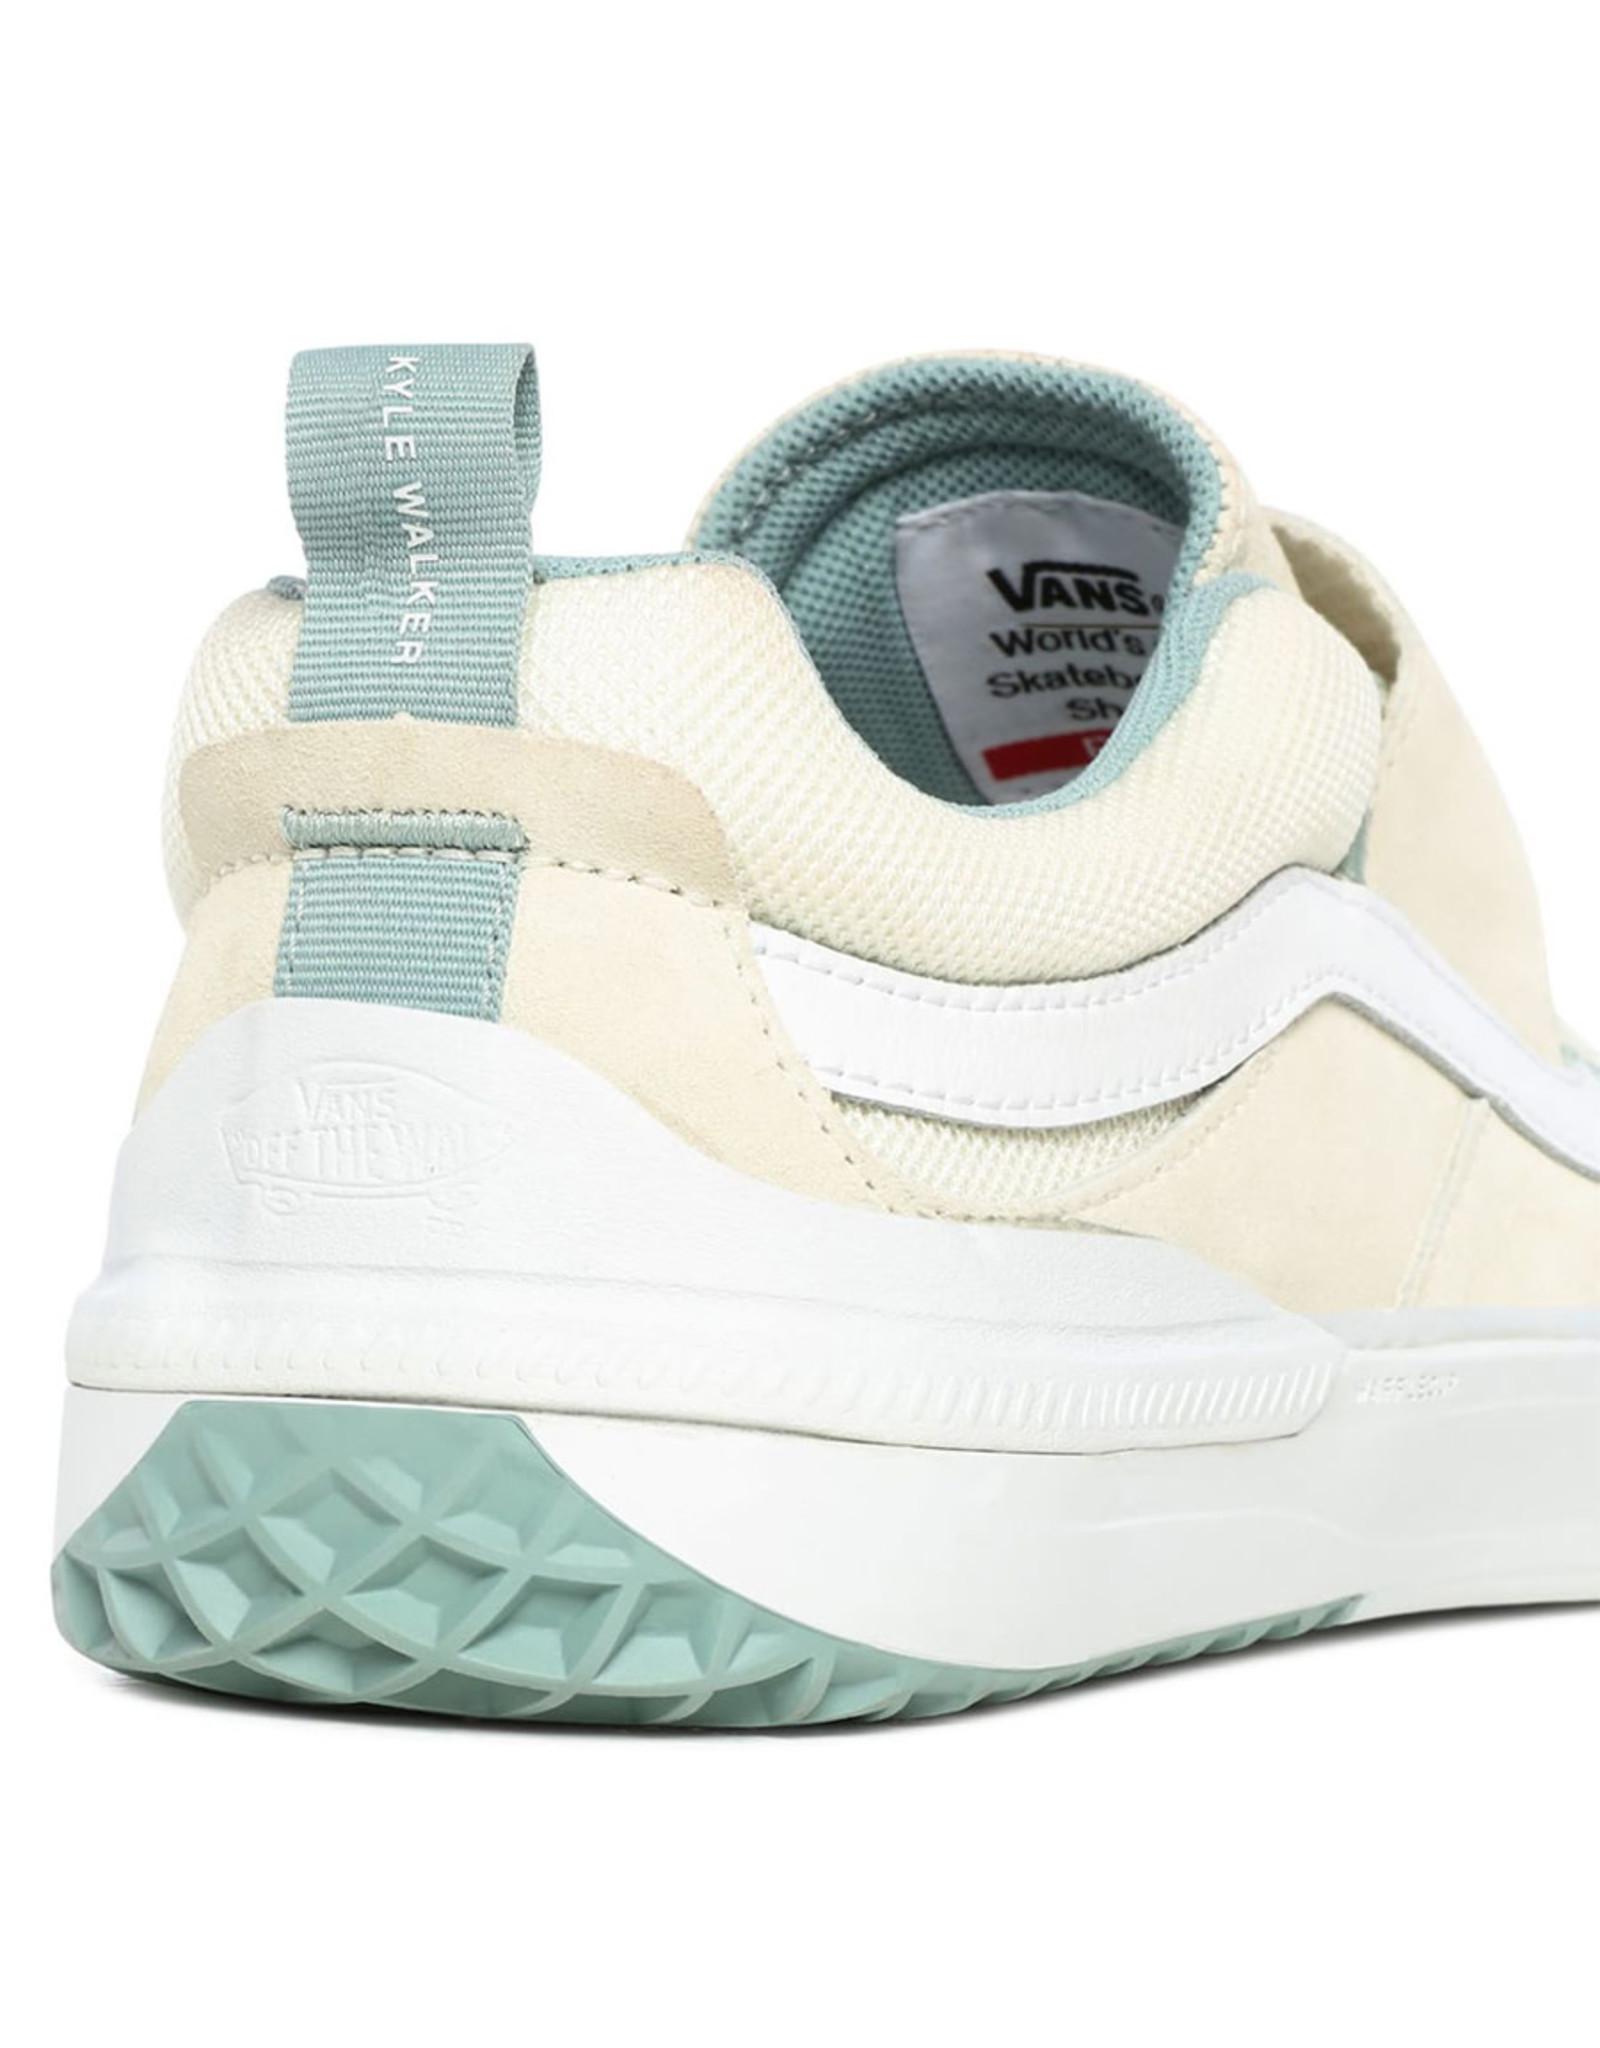 Vans Shoes Vans Shoe Pro Kyle Walker II (Antique White)